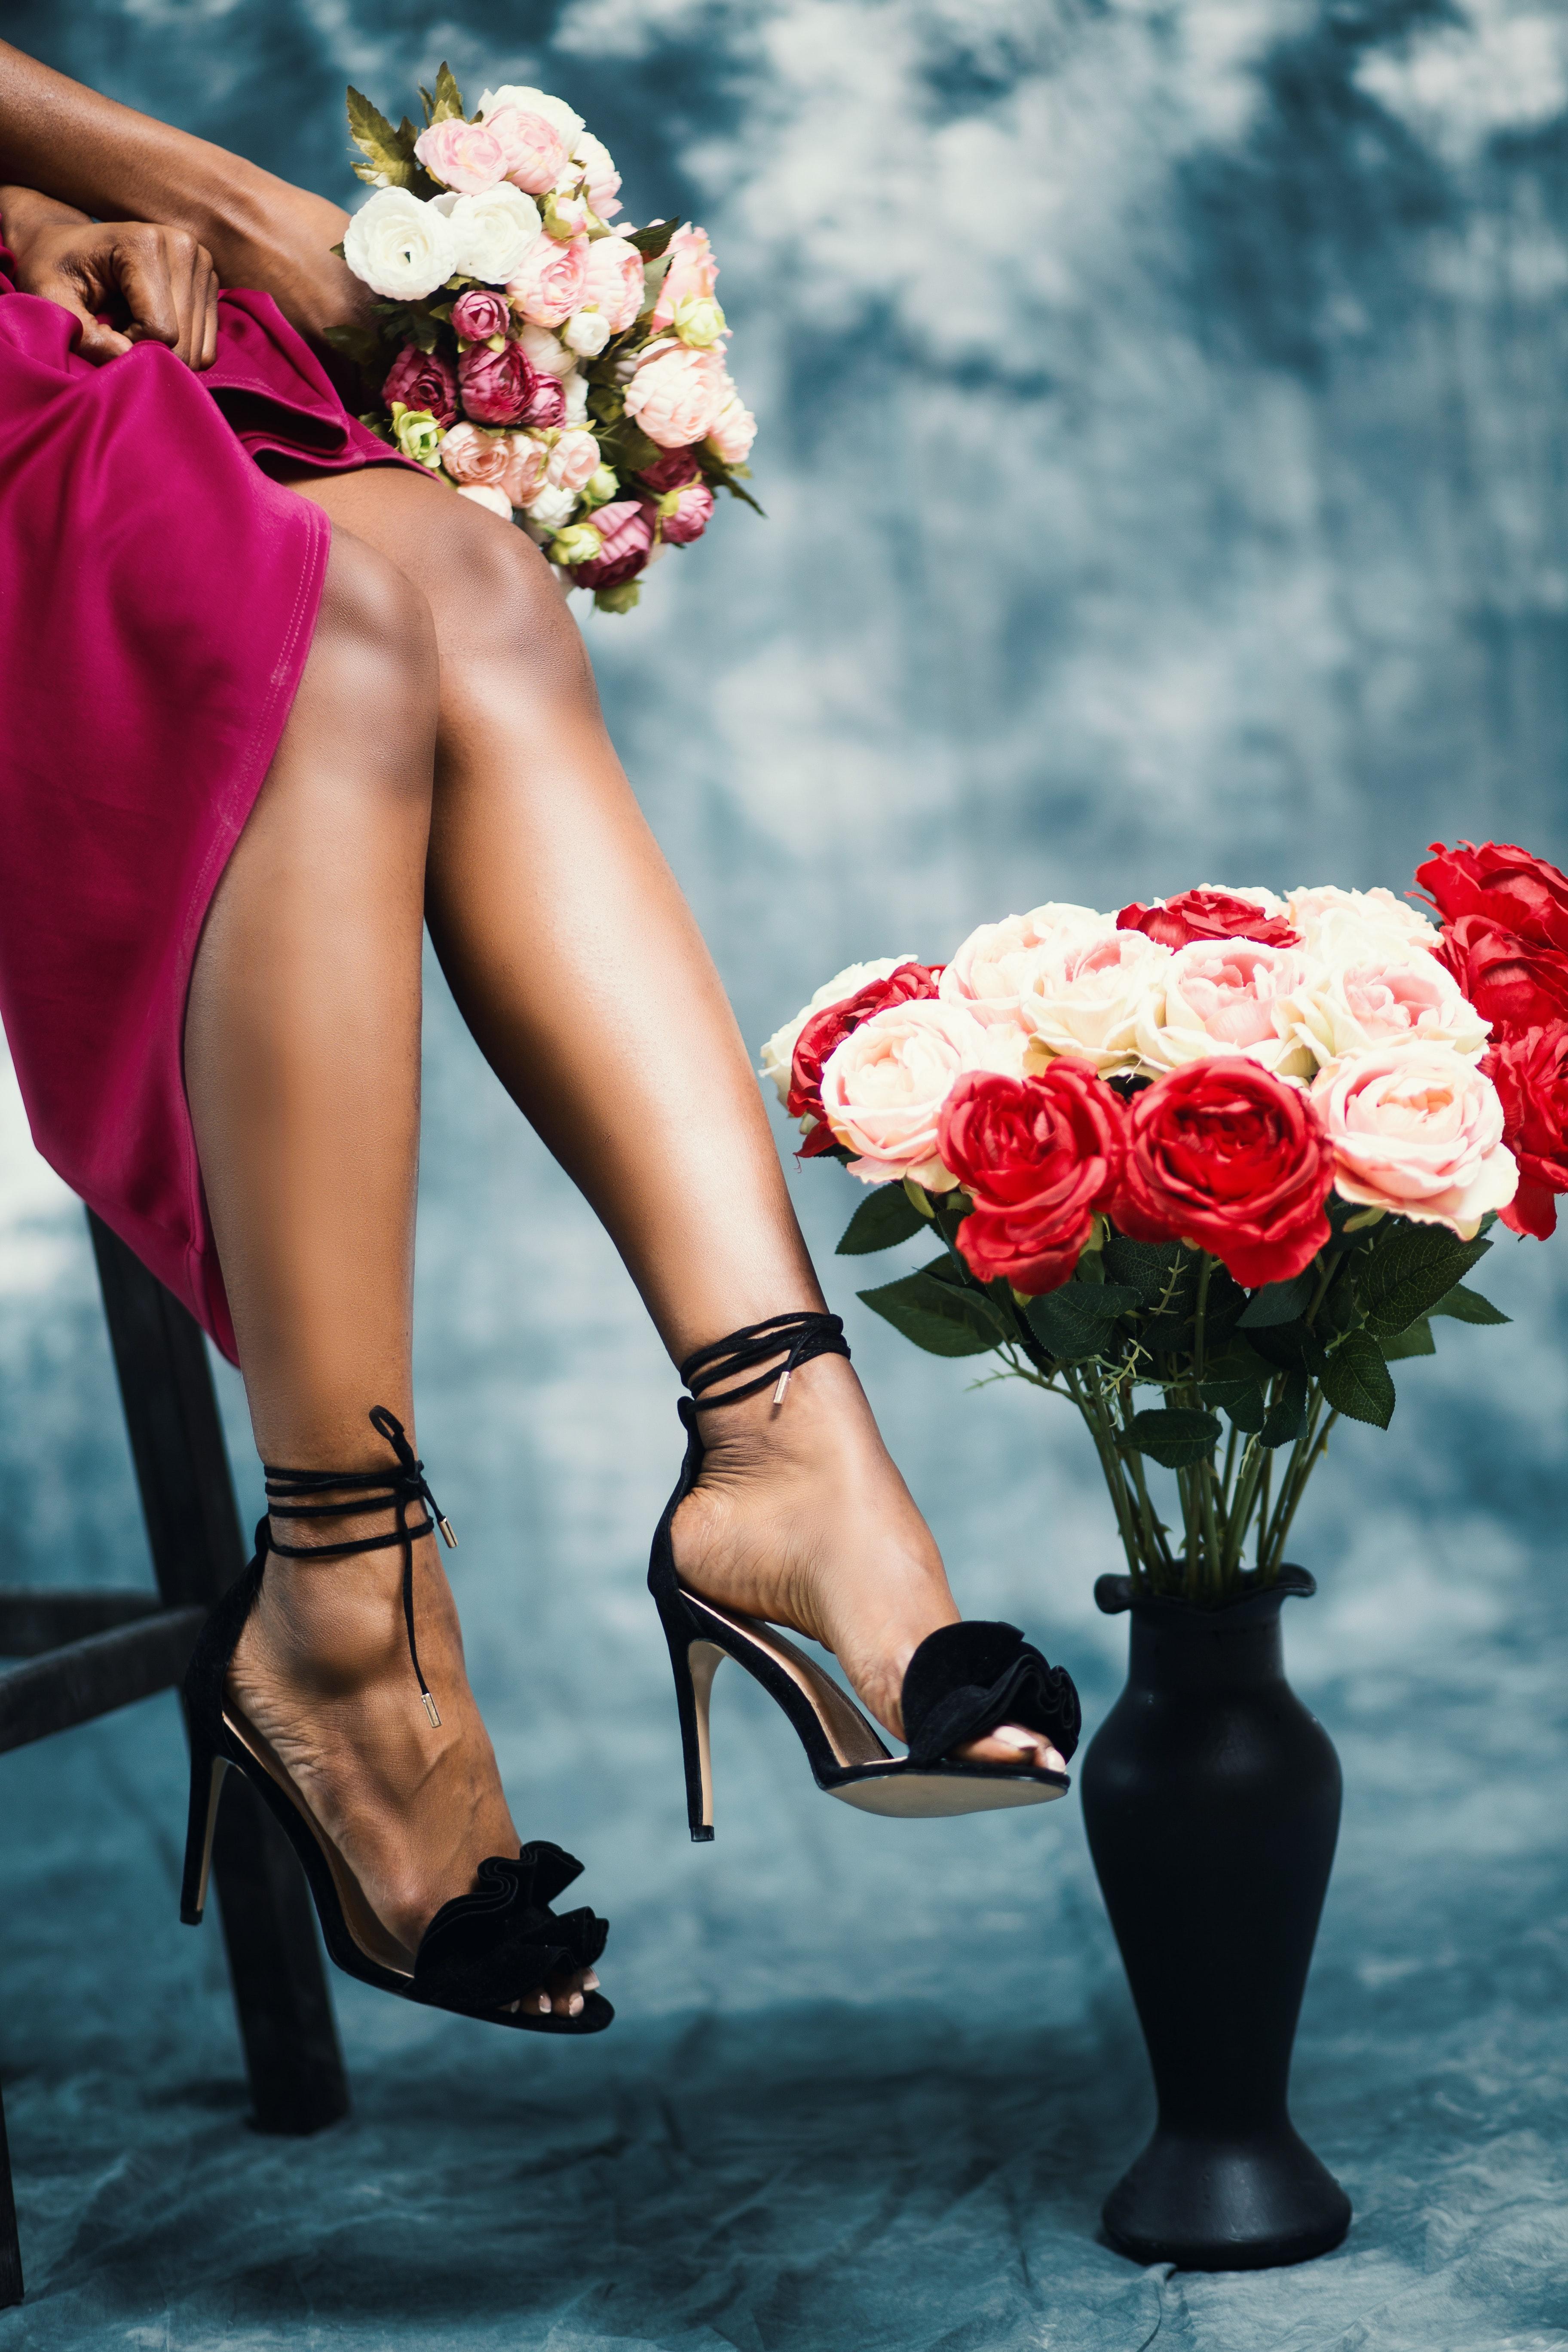 одно картинки женский ноги туфли цветы вас простой цифровой